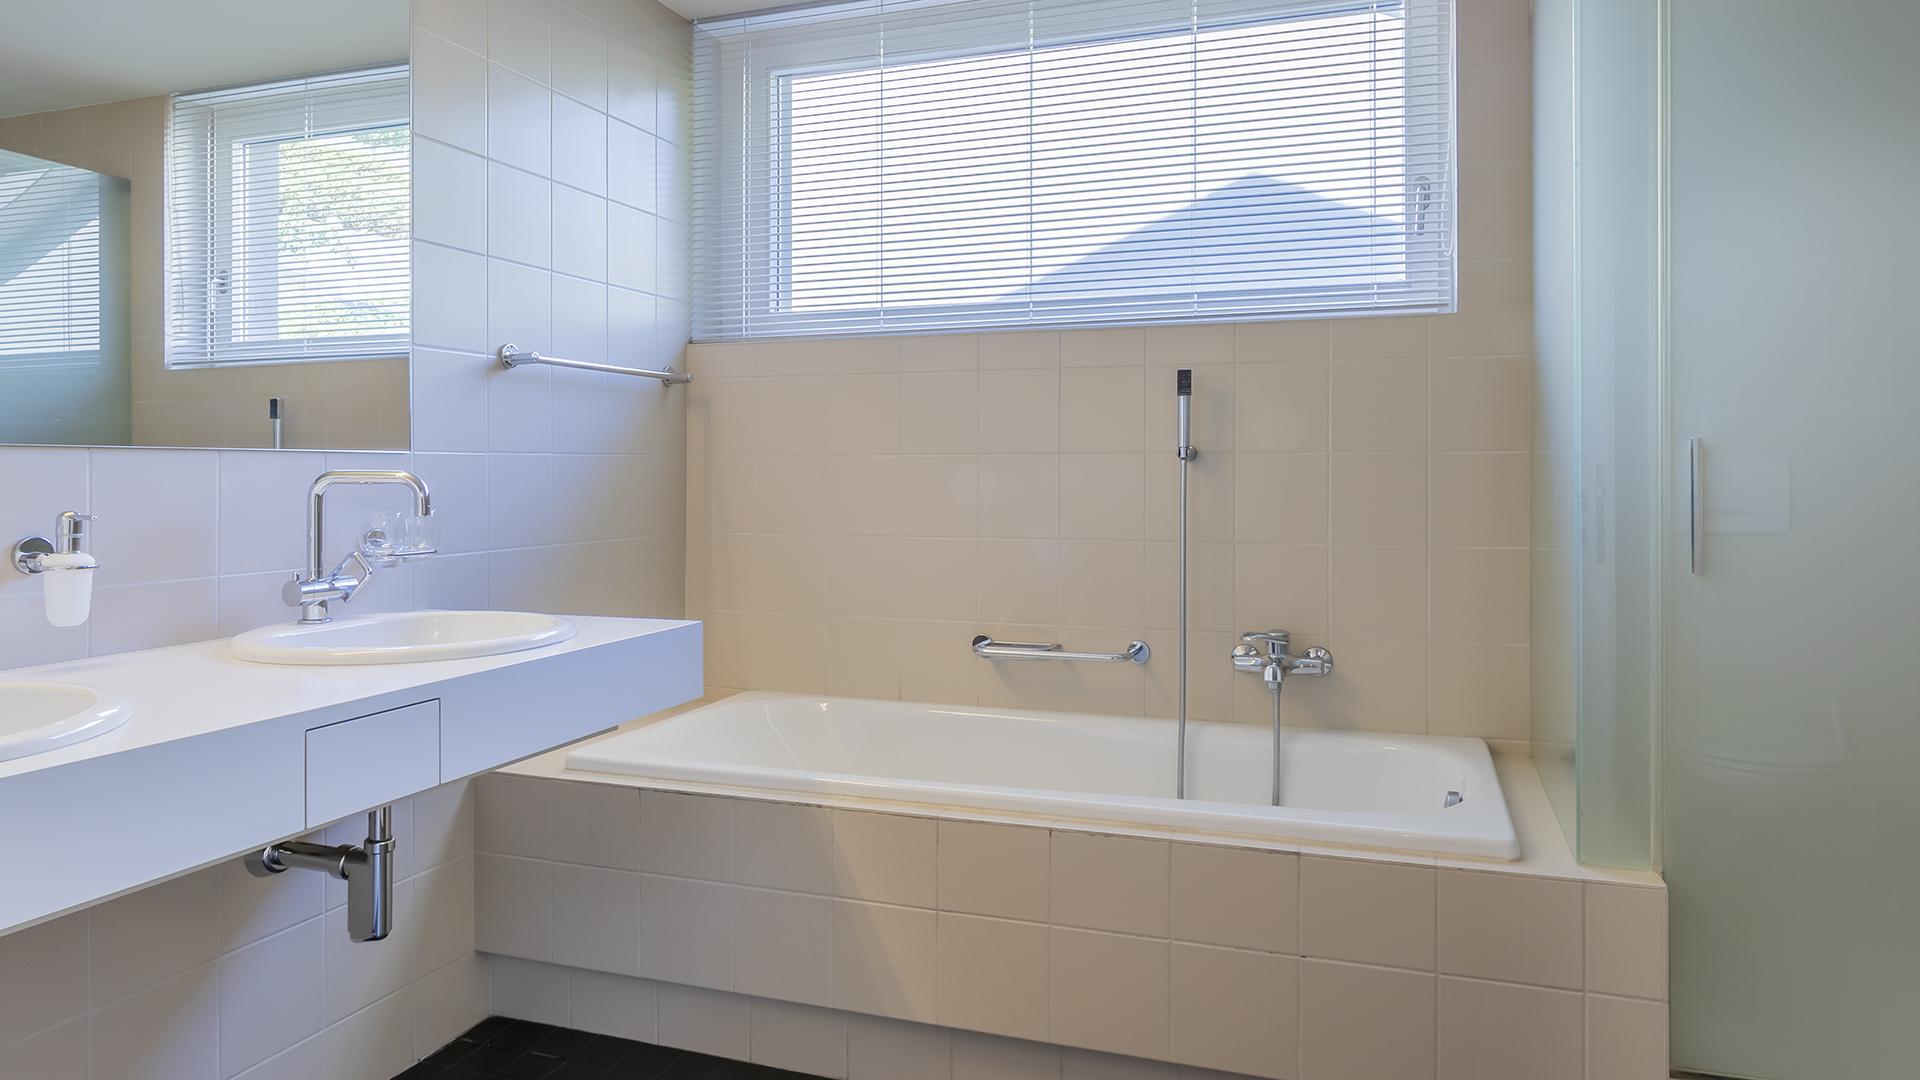 Der grosszügige Nassbereich mit Bad/Dusche/WC.